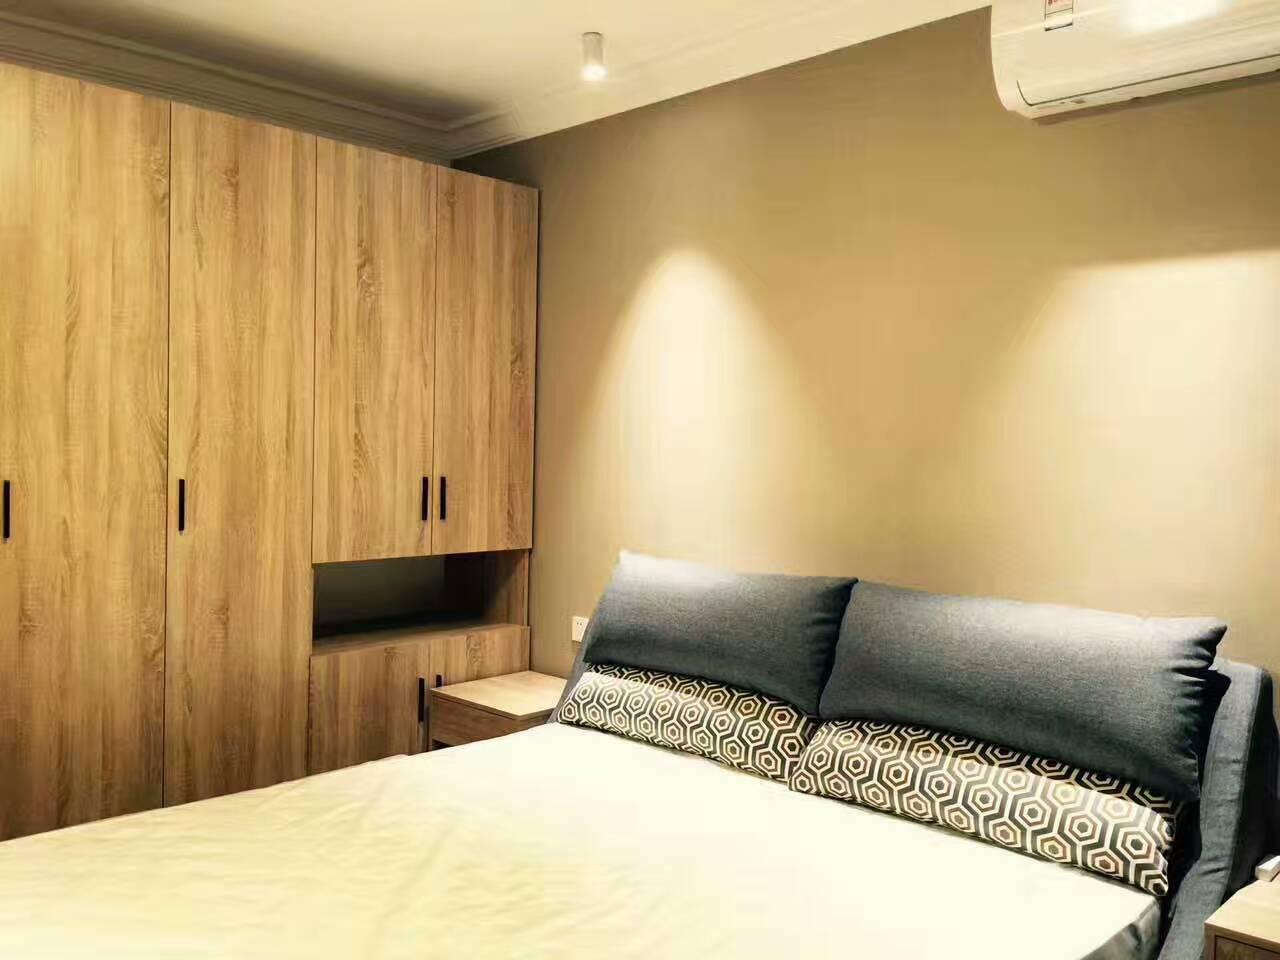 卧室作为休息的空间,沿袭了客厅简约、整洁的风格。简单的衣柜,搭配温馨的床品、令人放松的暖黄色的墙纸,